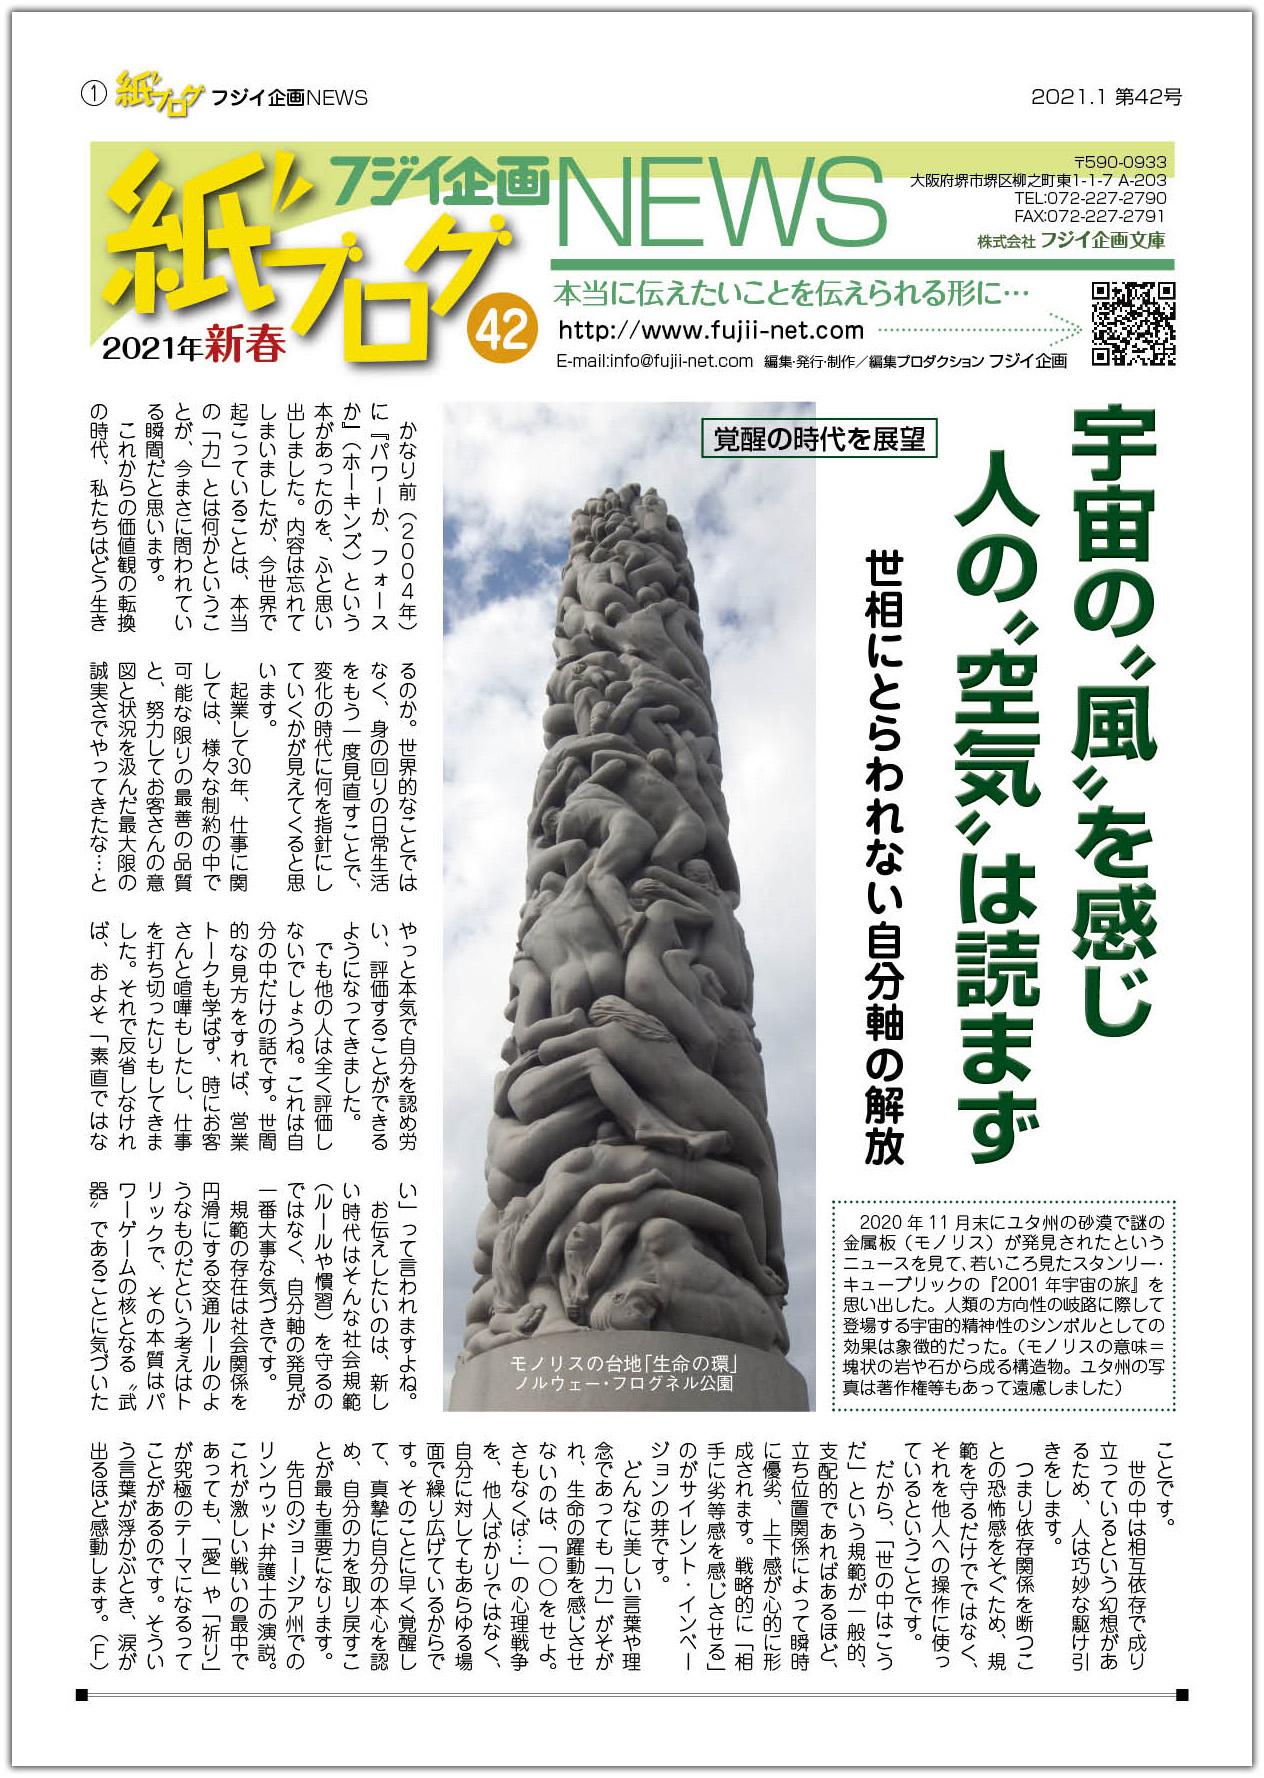 フジイ企画の社報『紙ブログ』2021新春号(第42号)ができました!